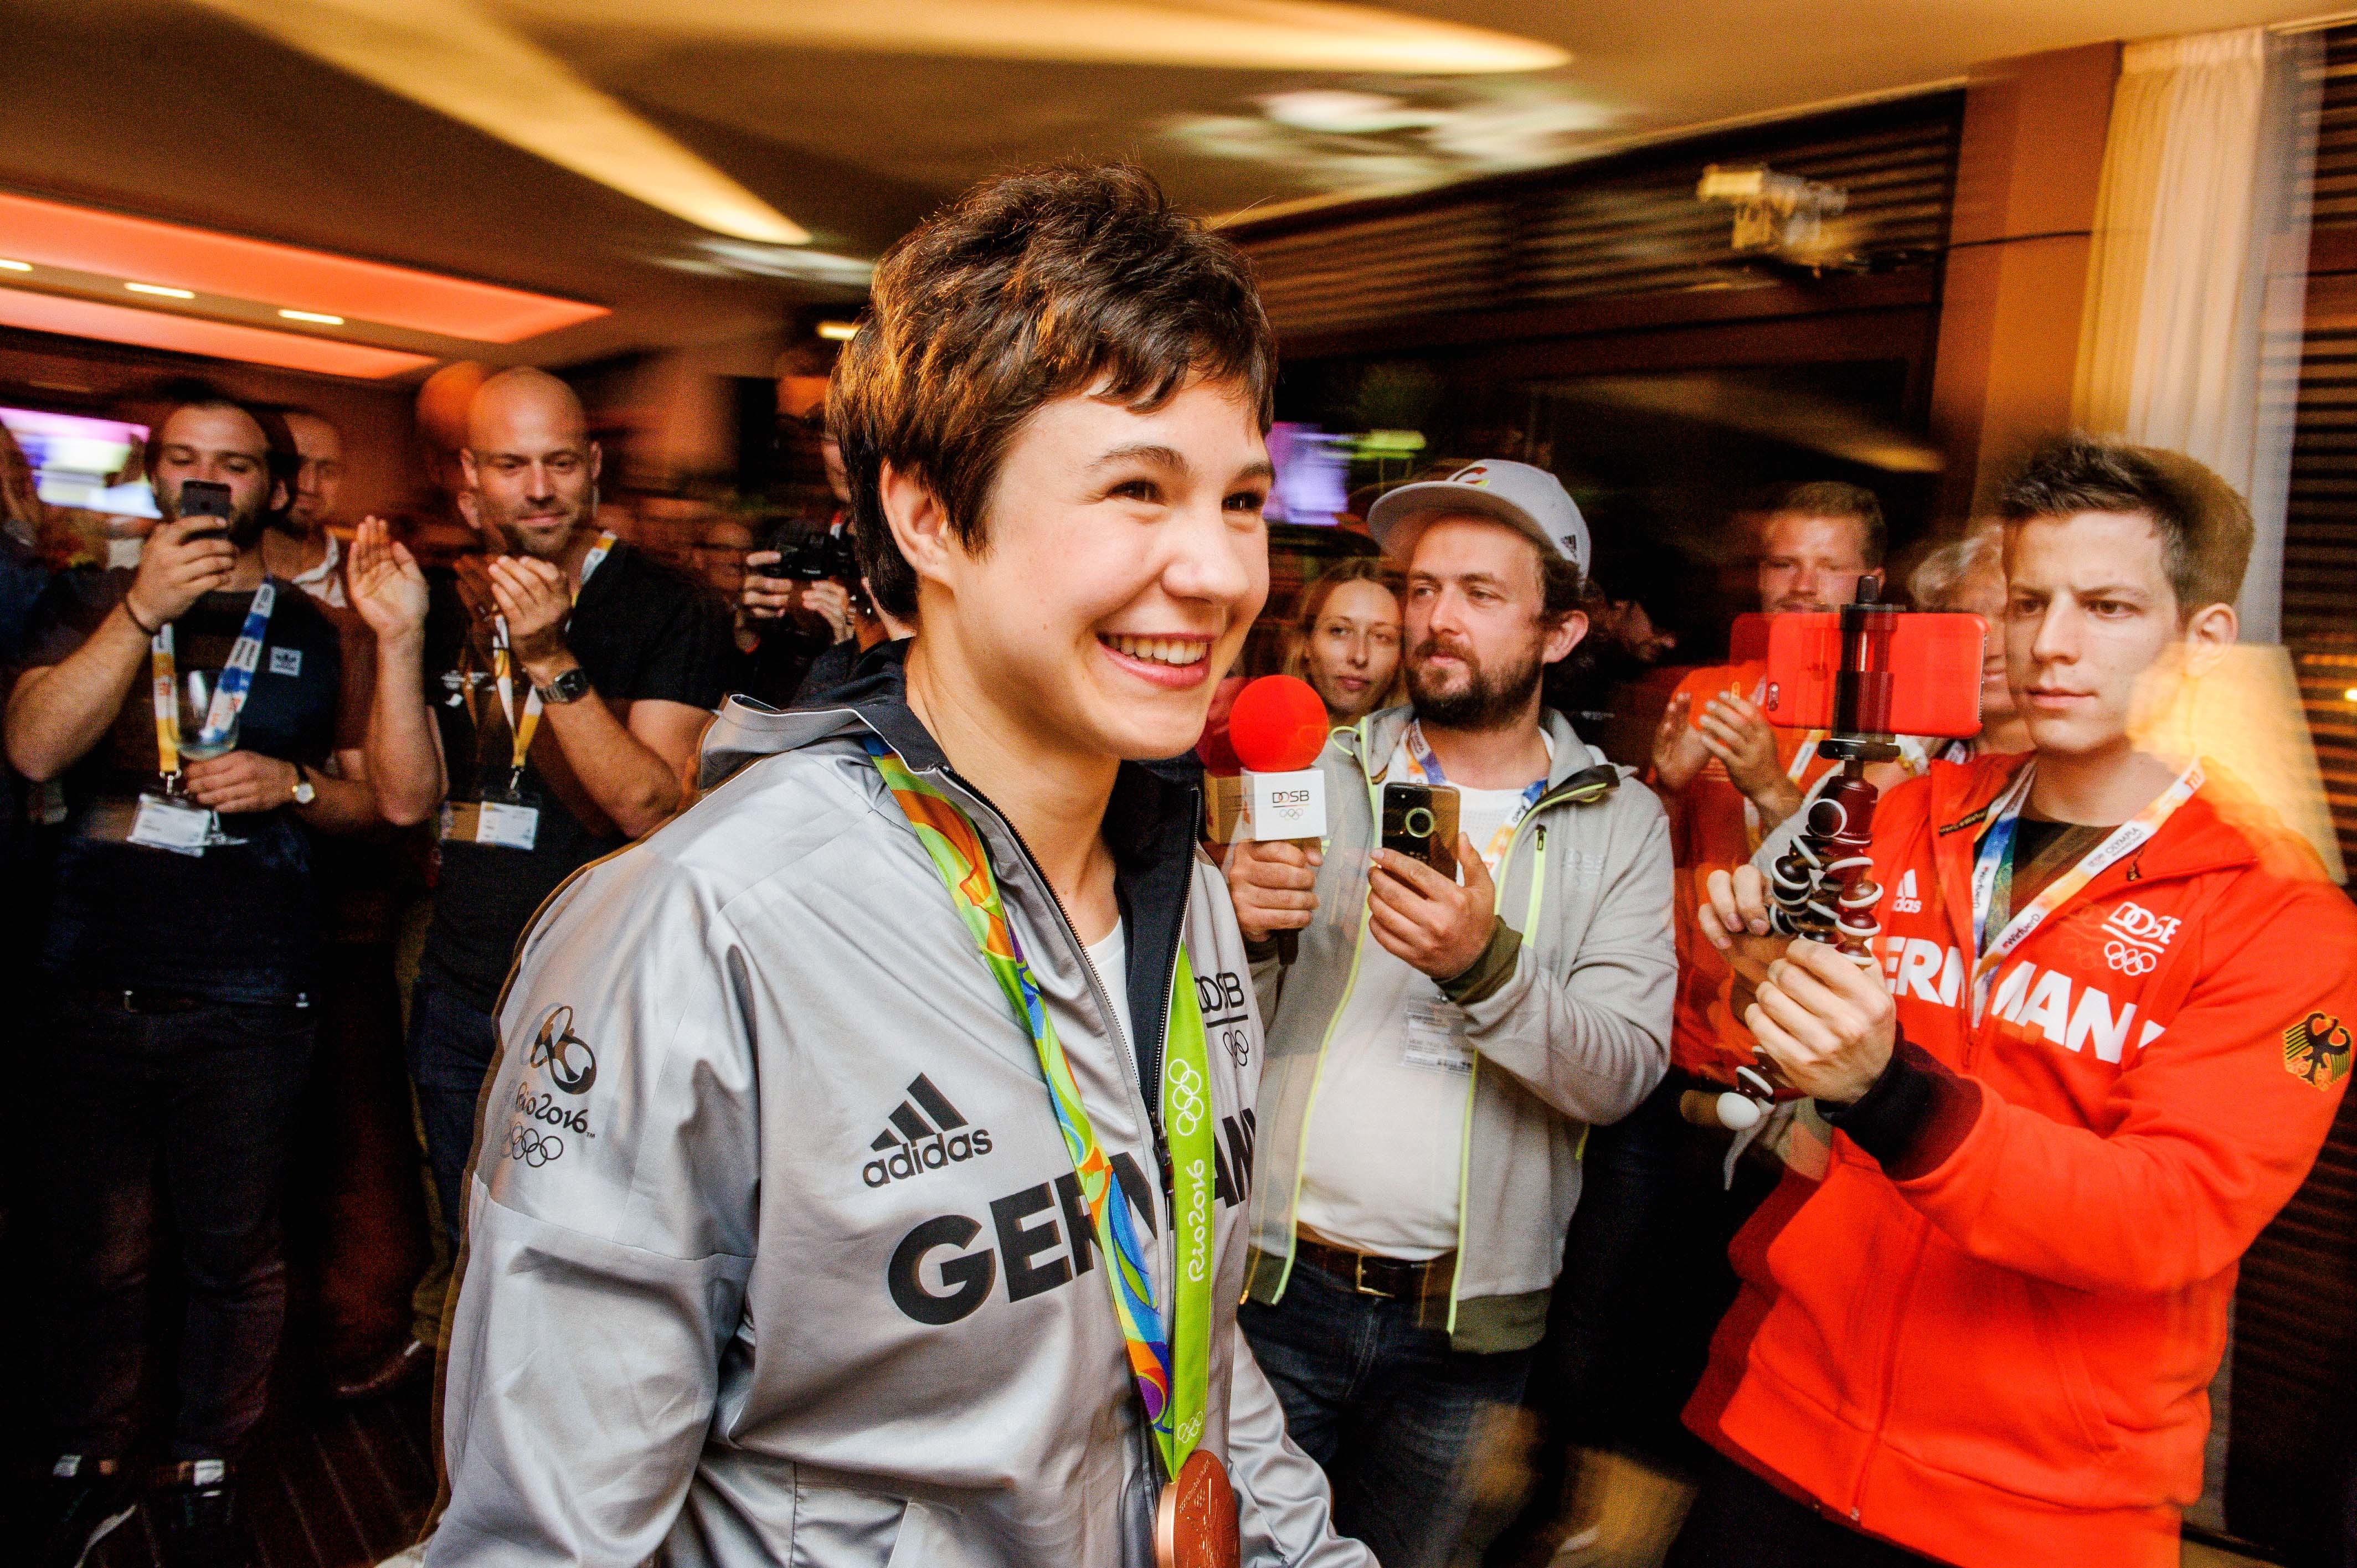 Bronzemedaillen-Gewinnerinn Laura Vargas-Koch im Deutschen Haus am 10.08.2016 - Olympische Sommerspiele 2016, Deutsches Haus in Rio de Janeiro. Foto: picture alliance / Robert Schlesinger | Verwendung weltweit